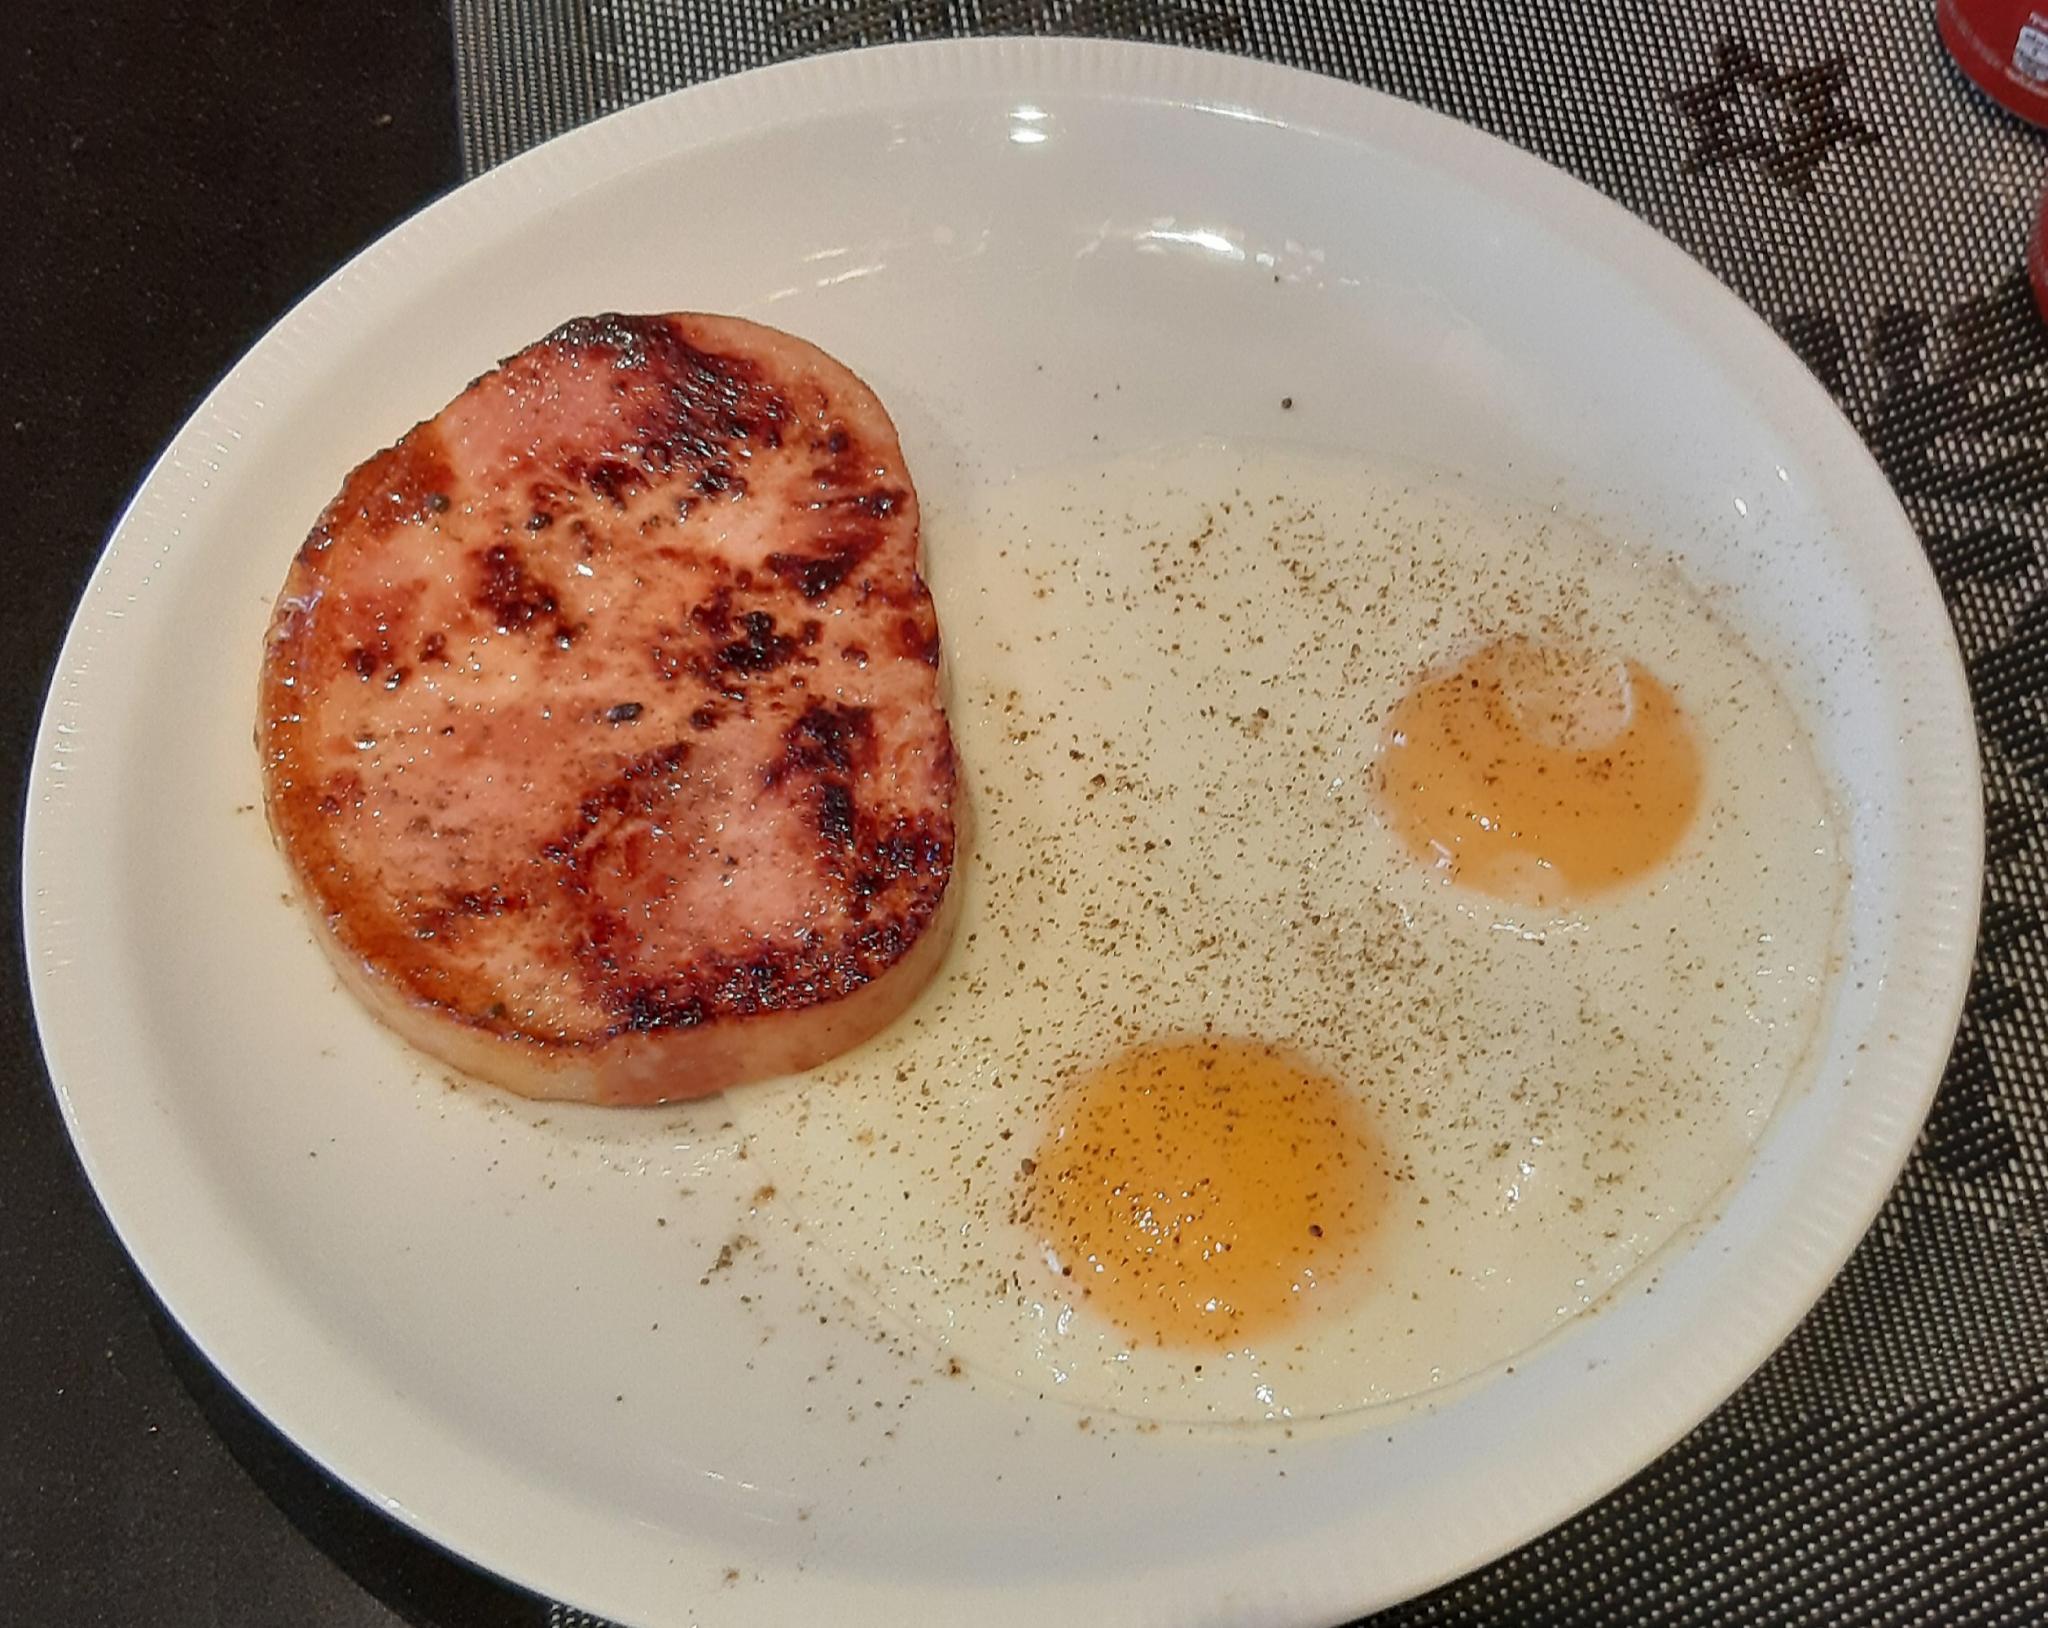 Breakfast-20210607_085510-jpg